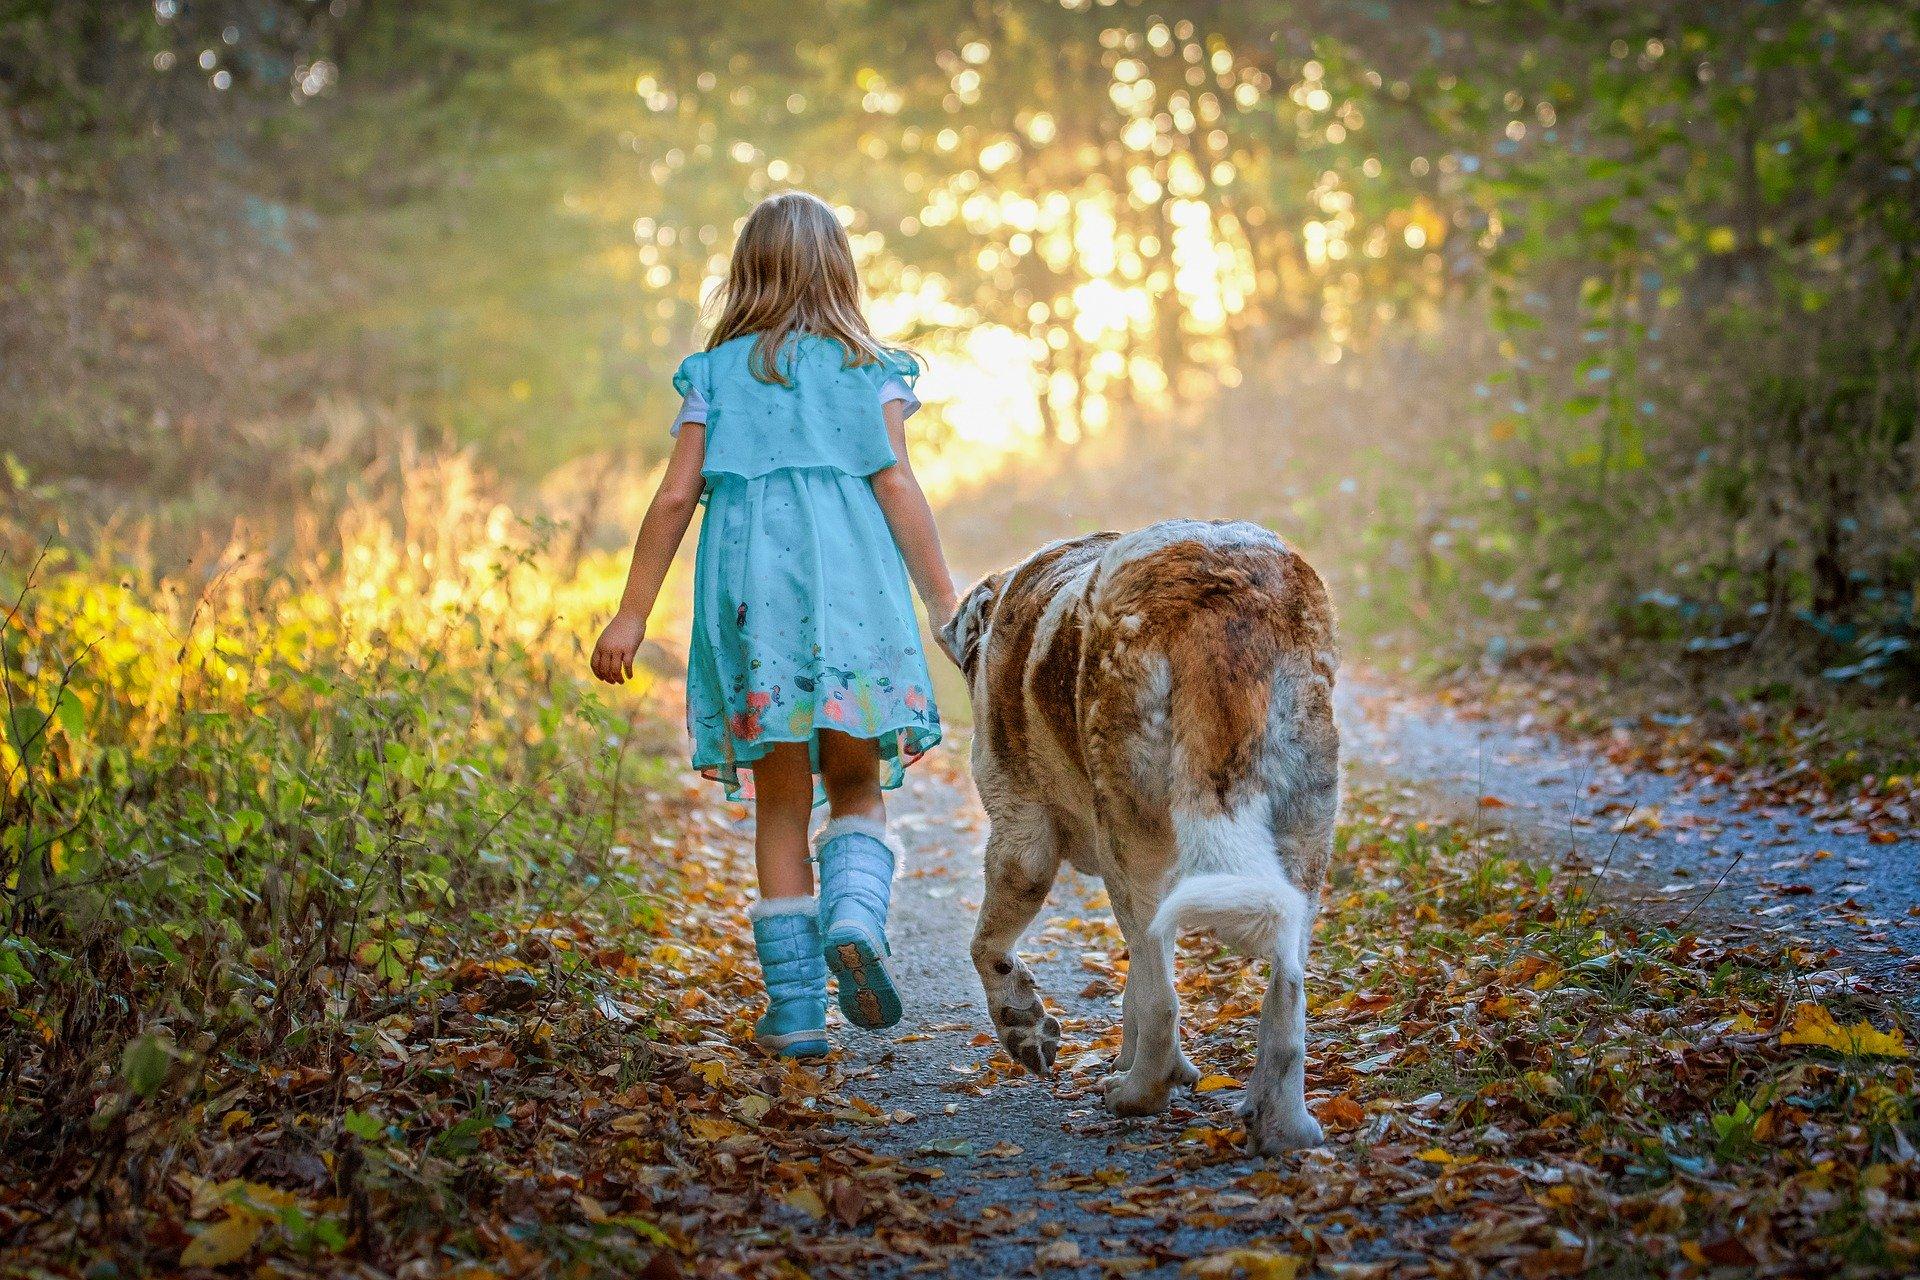 Comment un enfant doit-il approcher un chien inconnu ? Sans risque !